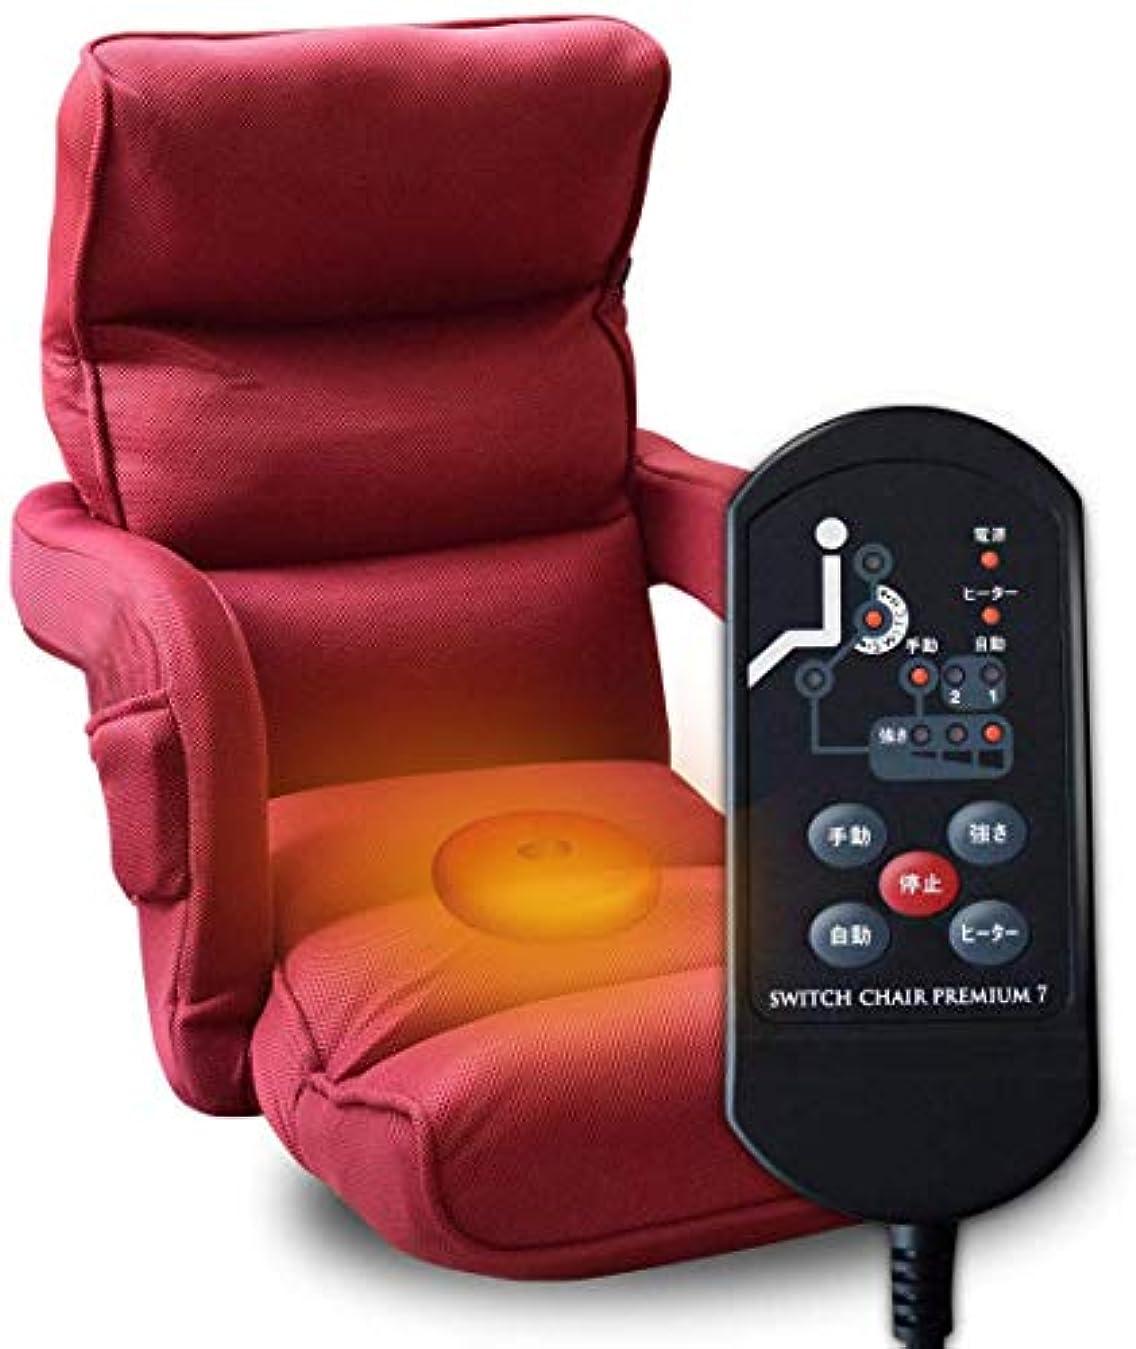 無関心休眠写真SWITCH CHAIR PREMIUM 7 マッサージ器 マッサージ機 肘掛け付き座椅子 マッサージ ヒーター 首 肩 腰 肩こり 背中 マッサージチェア ビクトリアンローズ